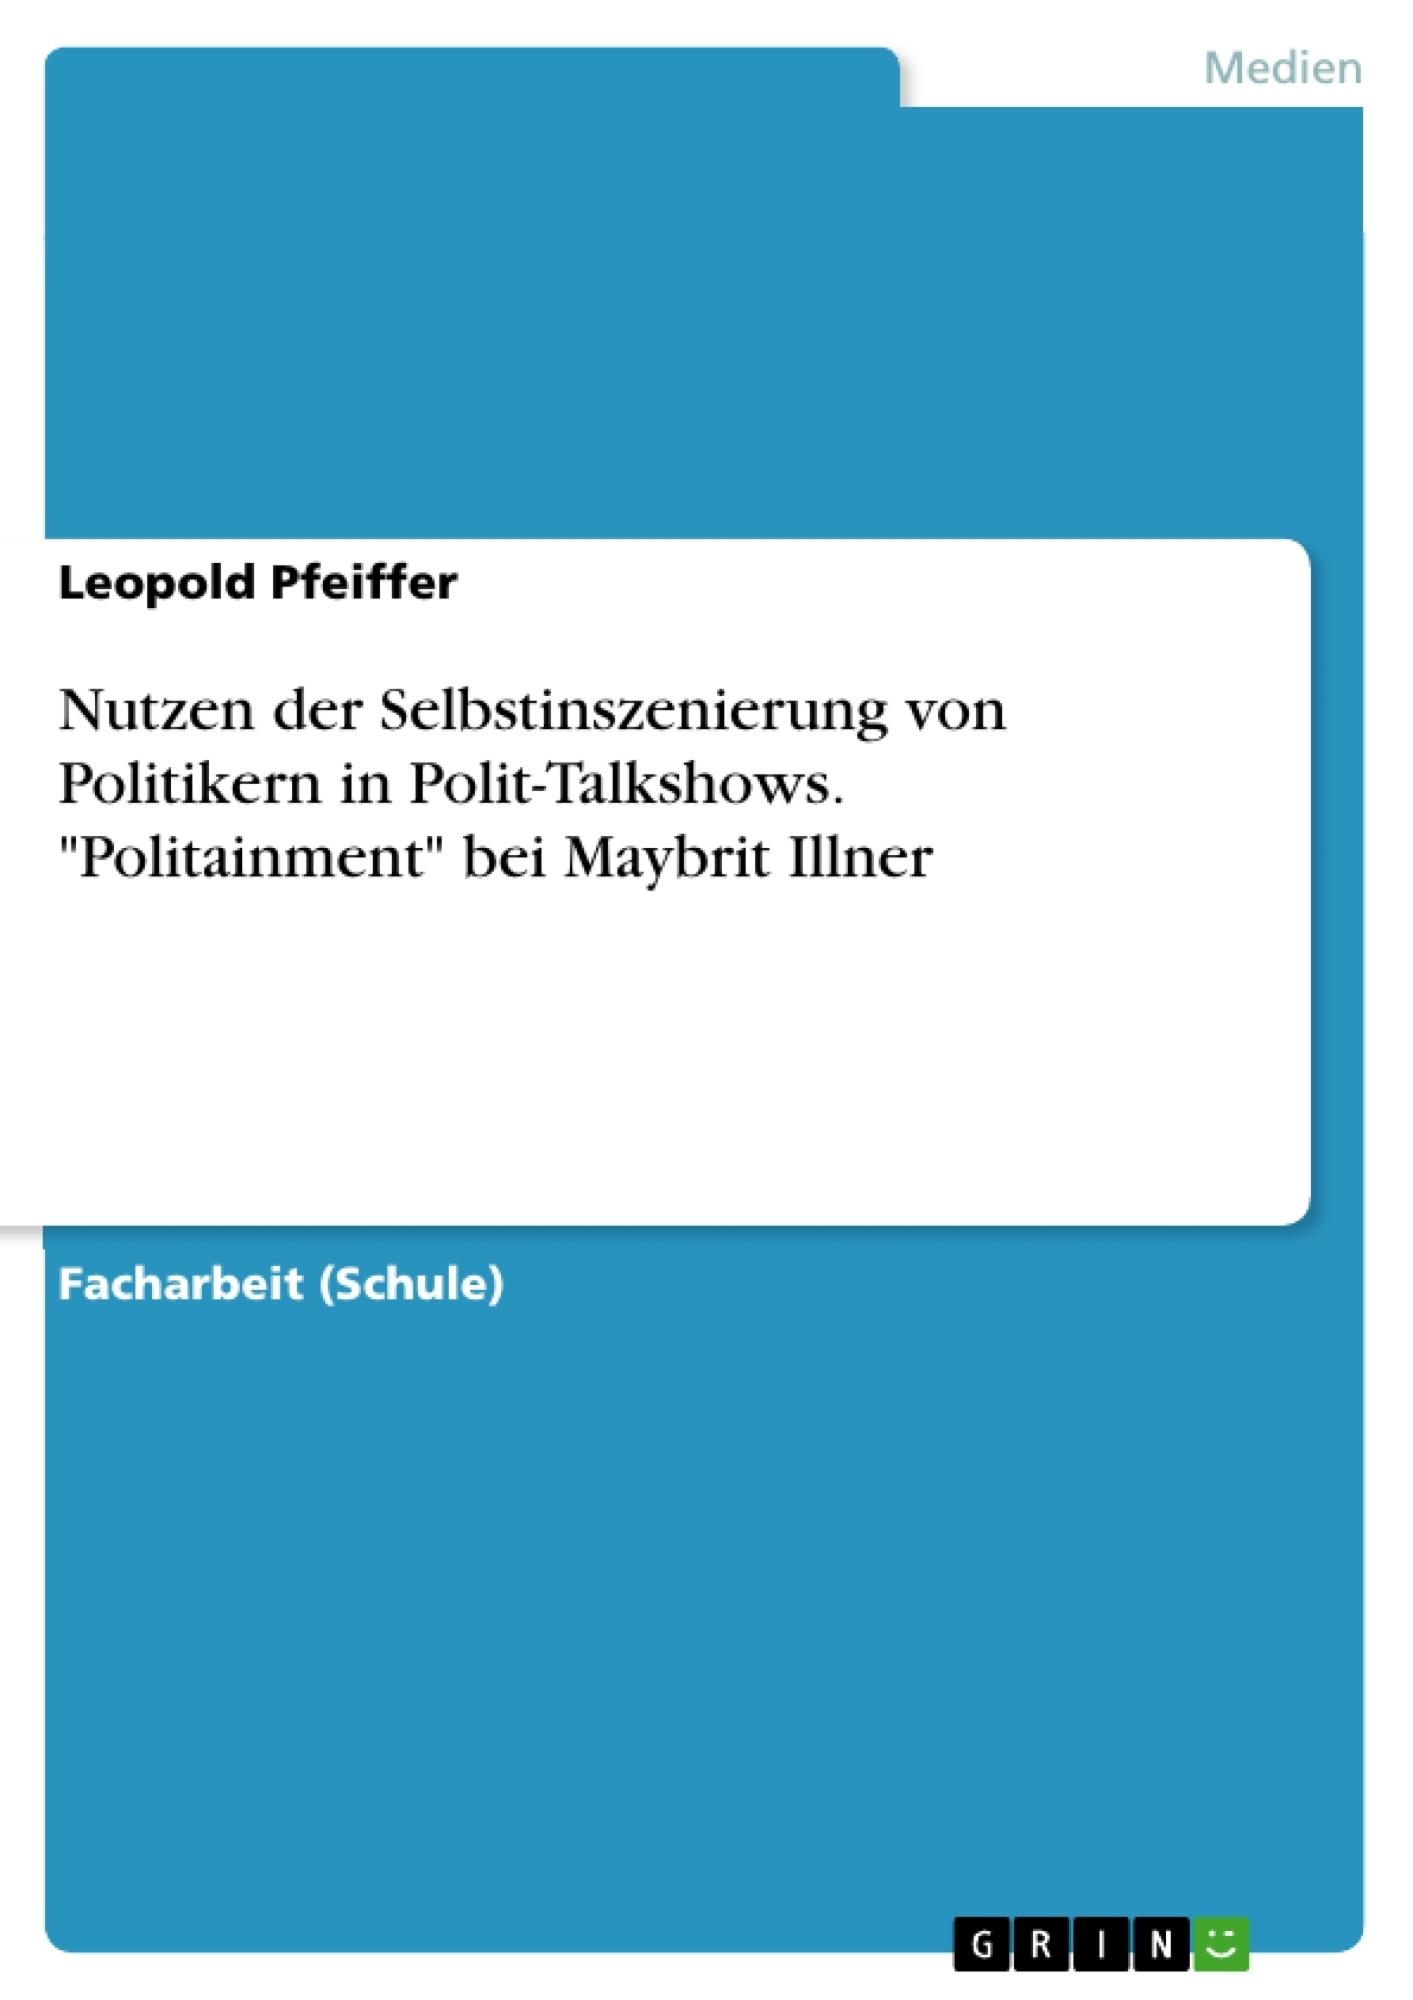 """Titel: Nutzen der Selbstinszenierung von Politikern in Polit-Talkshows. """"Politainment"""" bei Maybrit Illner"""